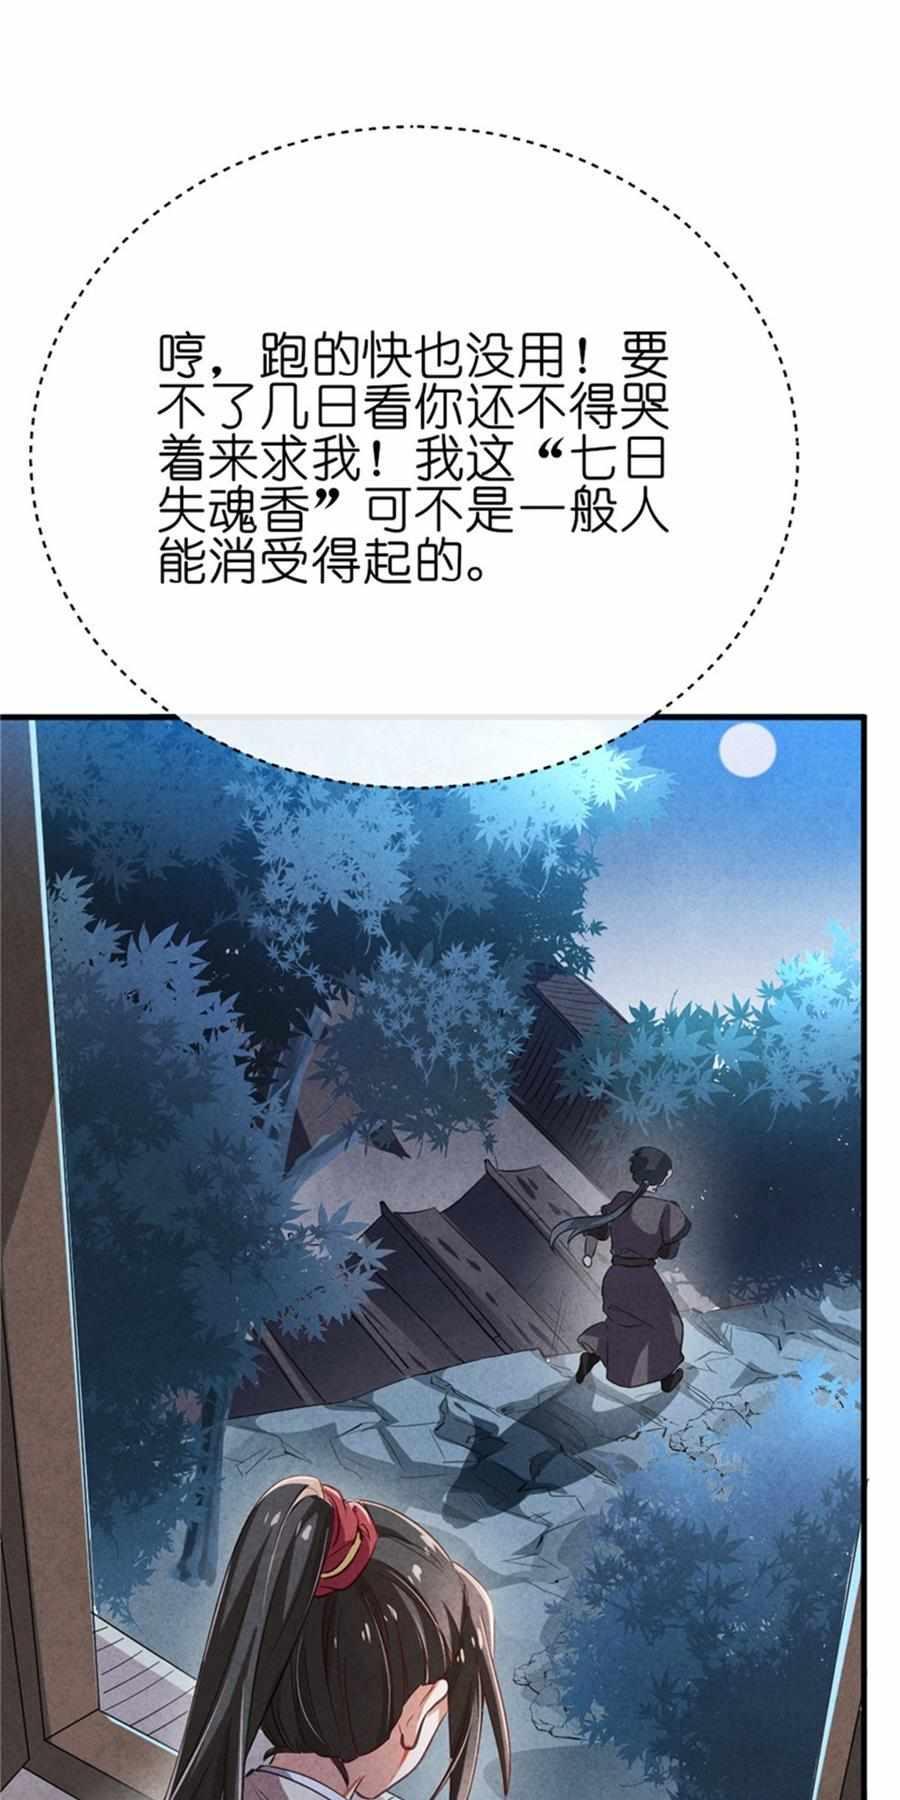 纨绔王妃要爬墙第12话  第12话 王爷的天性 第 11